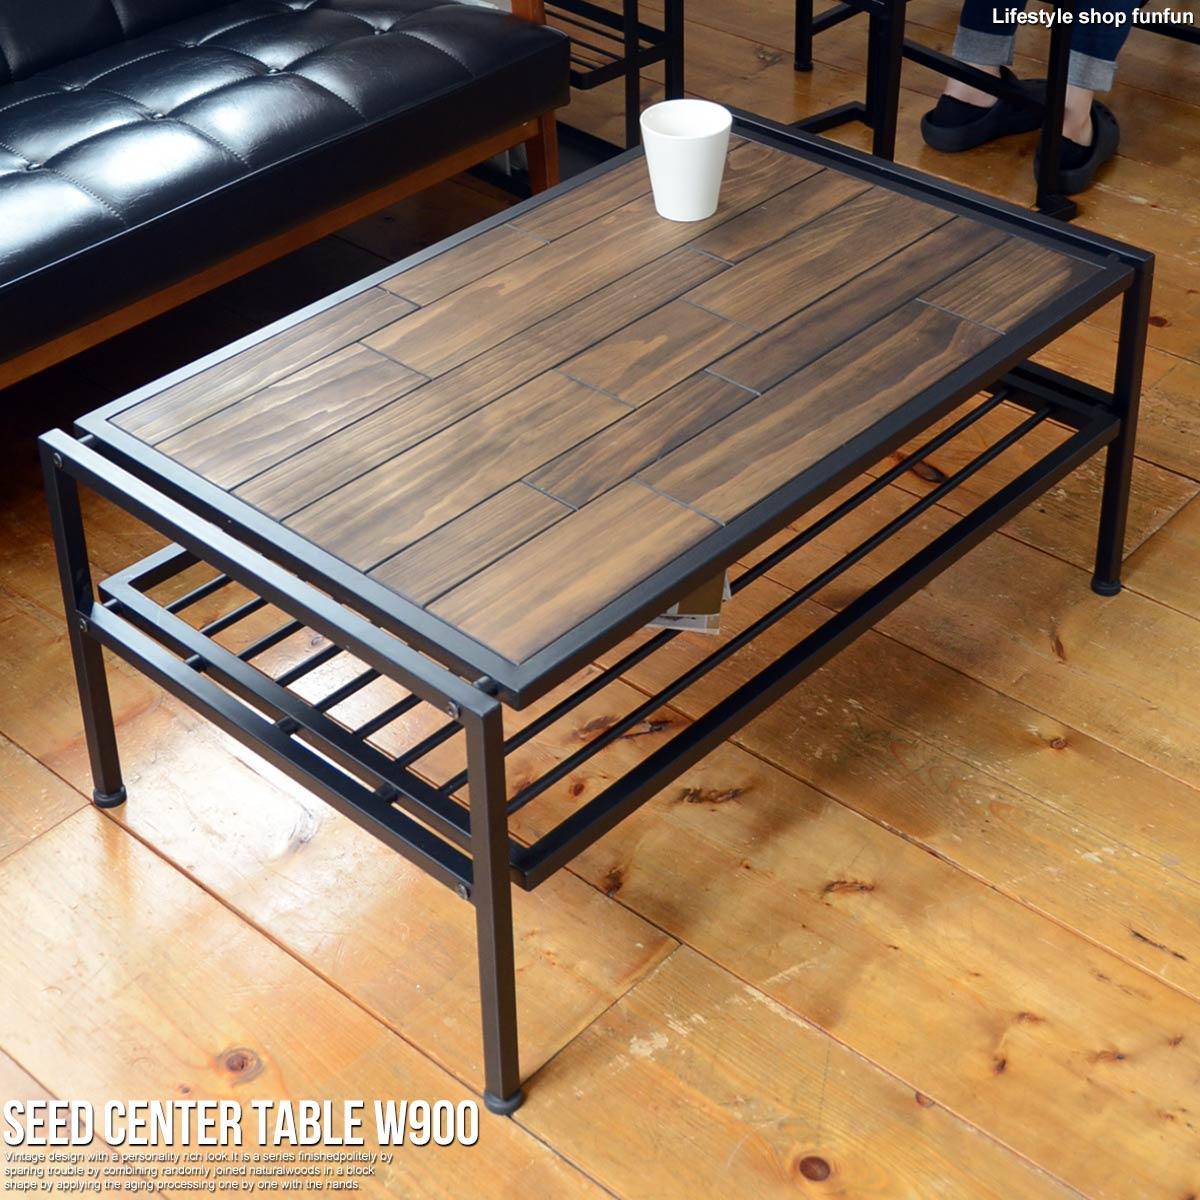 【あす楽】テーブル センターテーブル SEED シード 幅90cm リビングテーブル コーヒーテーブル 木製 棚付き 天然木 北欧 おしゃれ シンプル アイアン 男前 ブルックリン SUITS スーツ